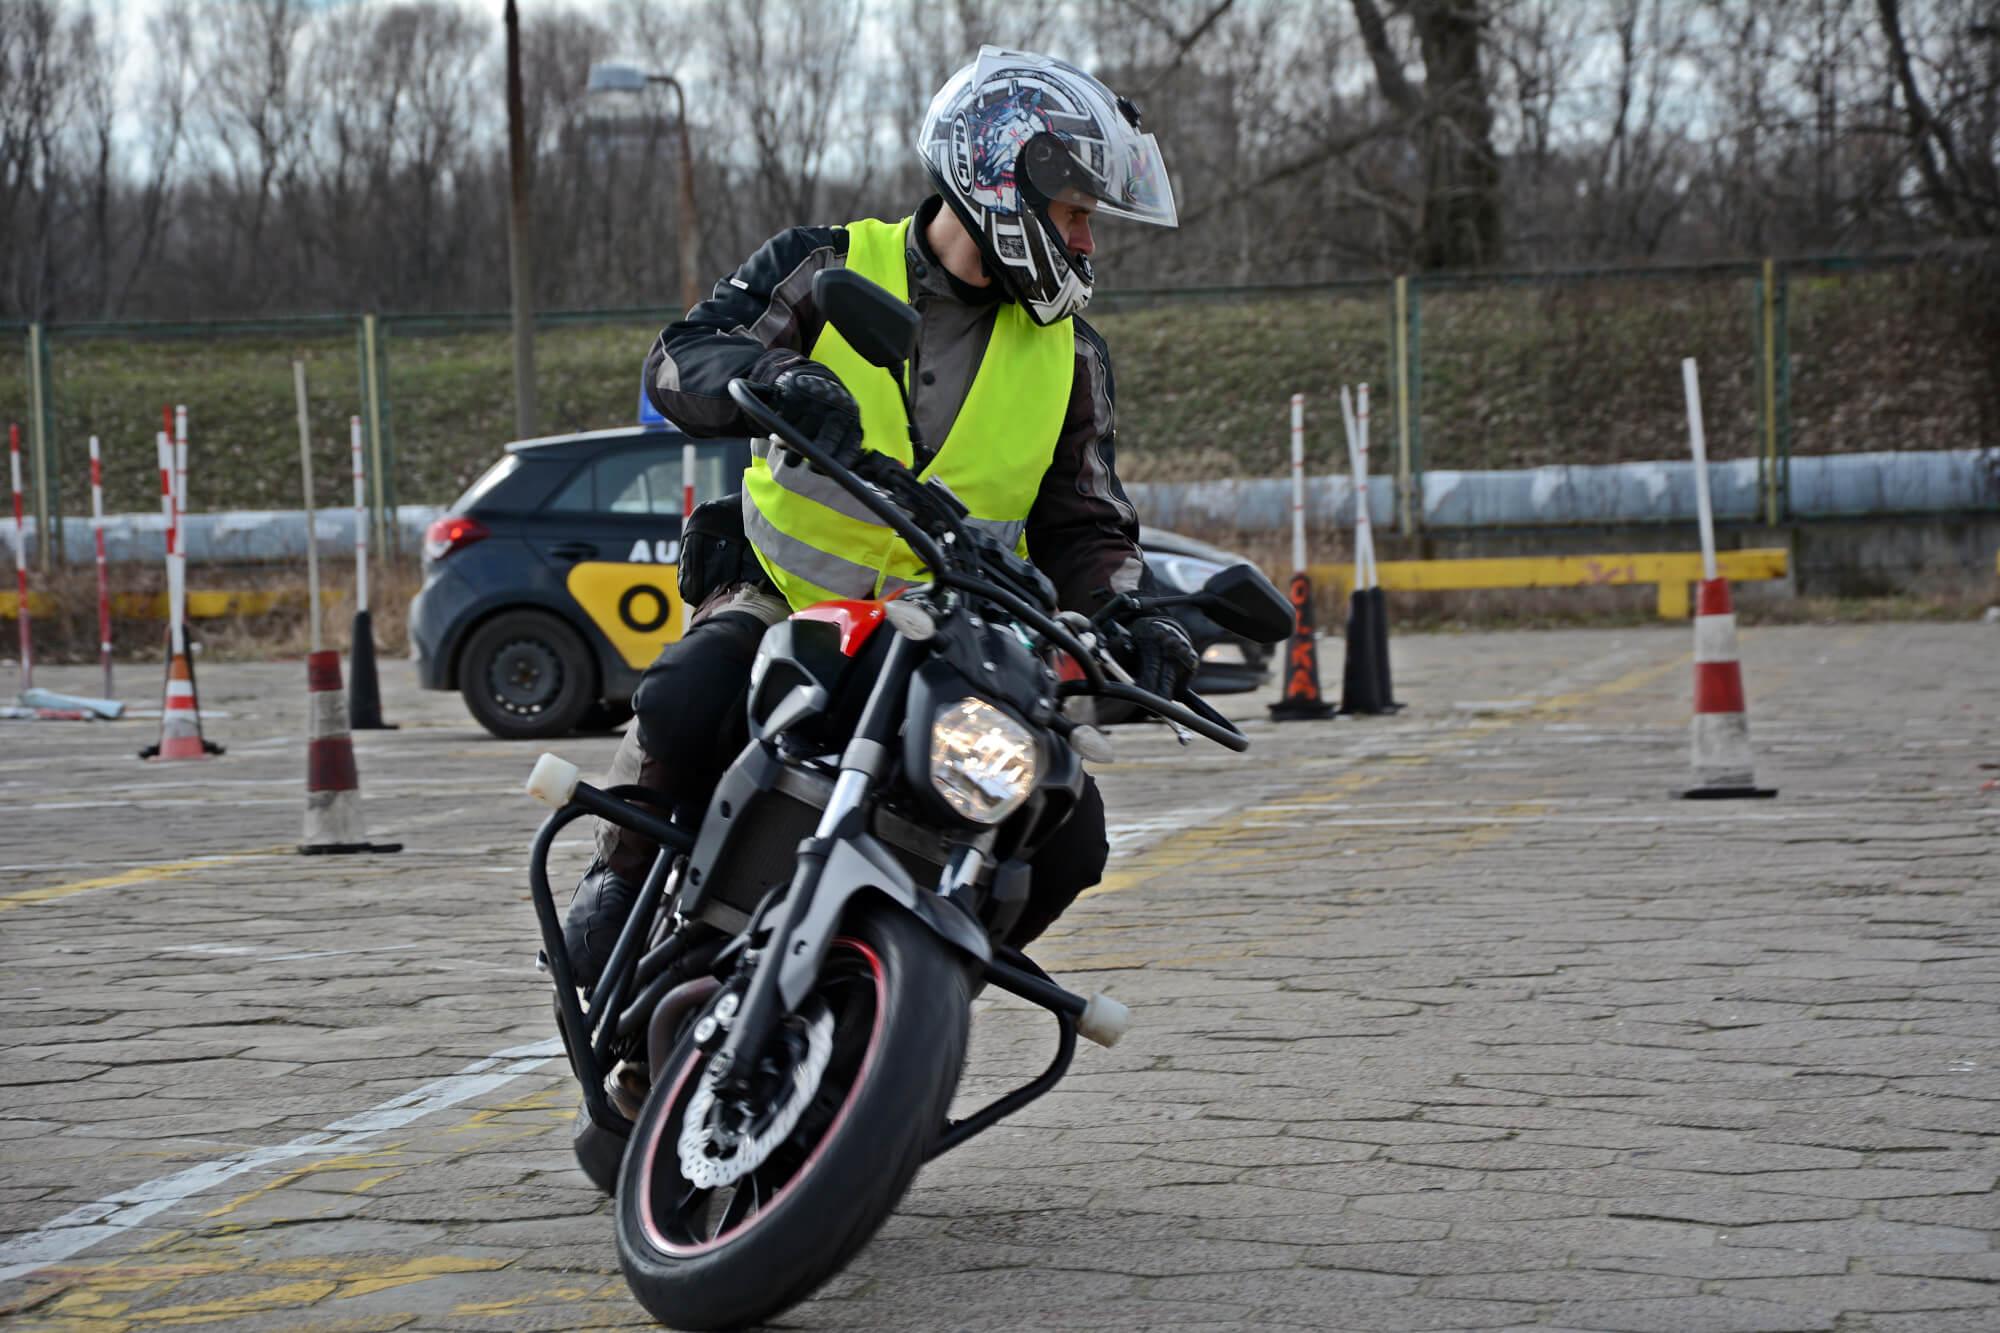 Prawo Jazdy Kat A Kursy Motocyklowe Od Czego Zaczac Przygode Z Motocyklem Prawo Jazdy Kat A A2 A1